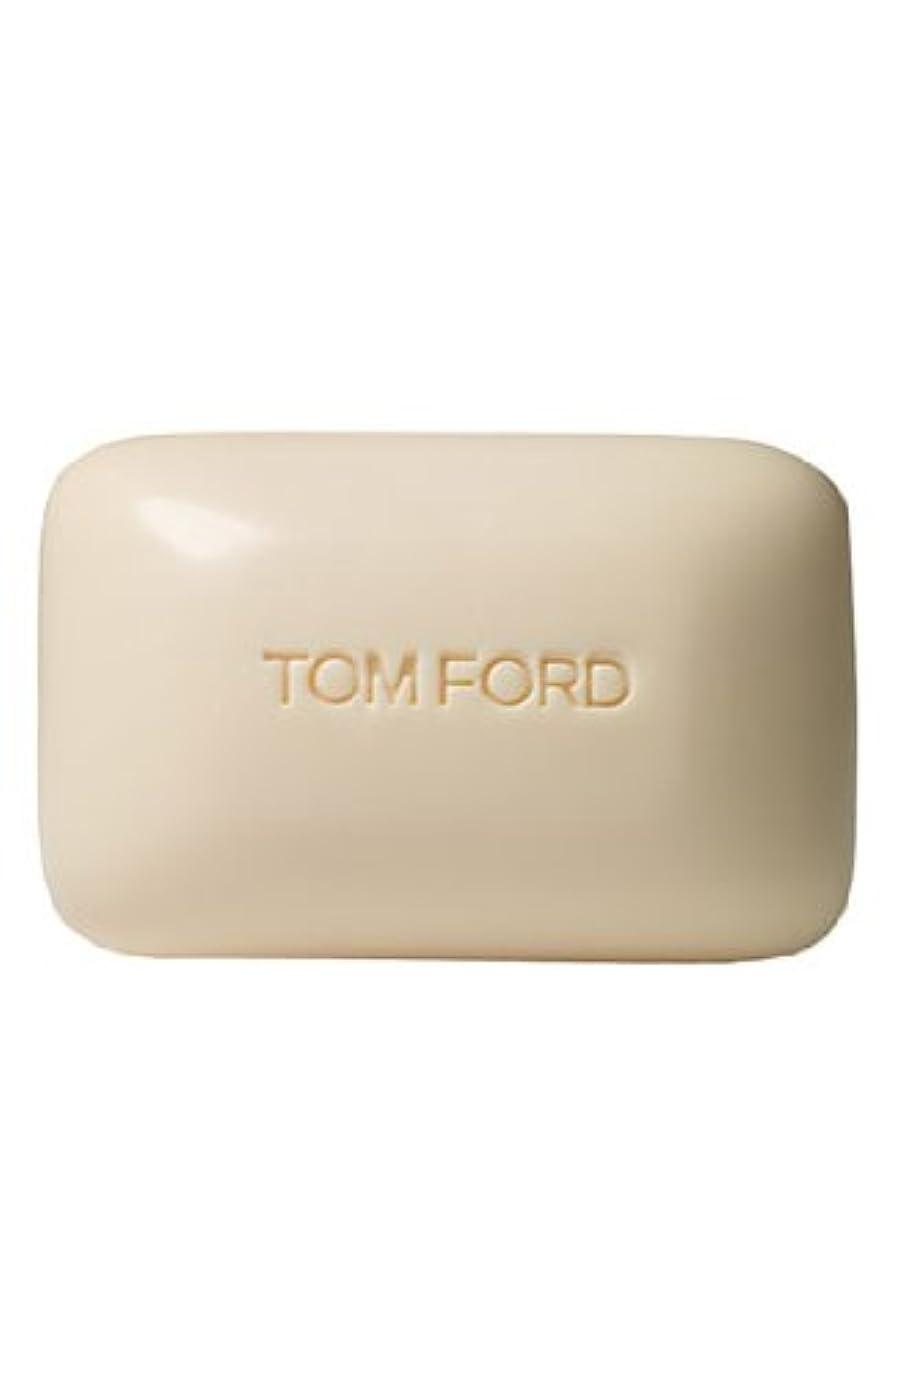 抹消時間とともに鋸歯状Tom Ford Private Blend 'Neroli Portofino' (トムフォード プライベートブレンド ネロリポートフィーノ) 5.5 oz (165ml) Bar Soap (固形石鹸)